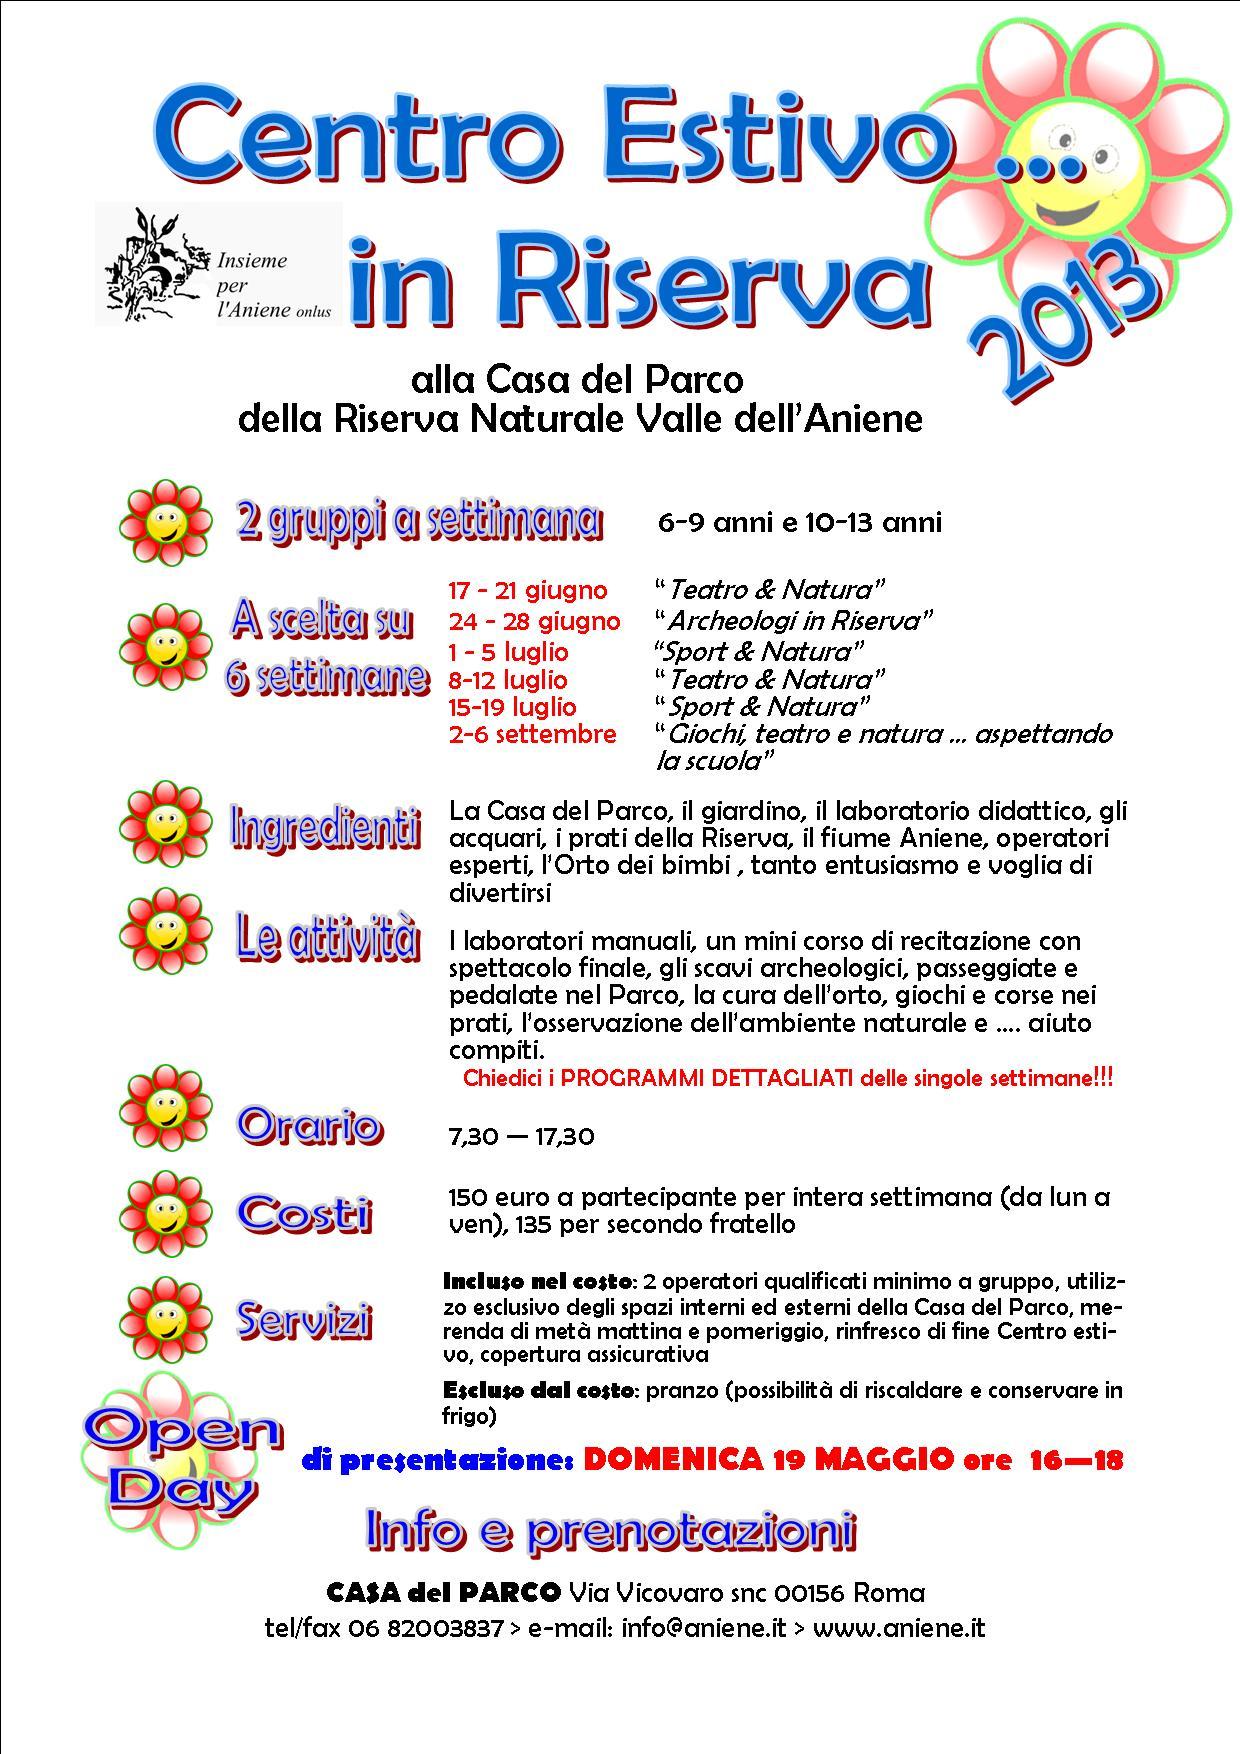 CENTRI ESTIVI IN RISERVA 2013